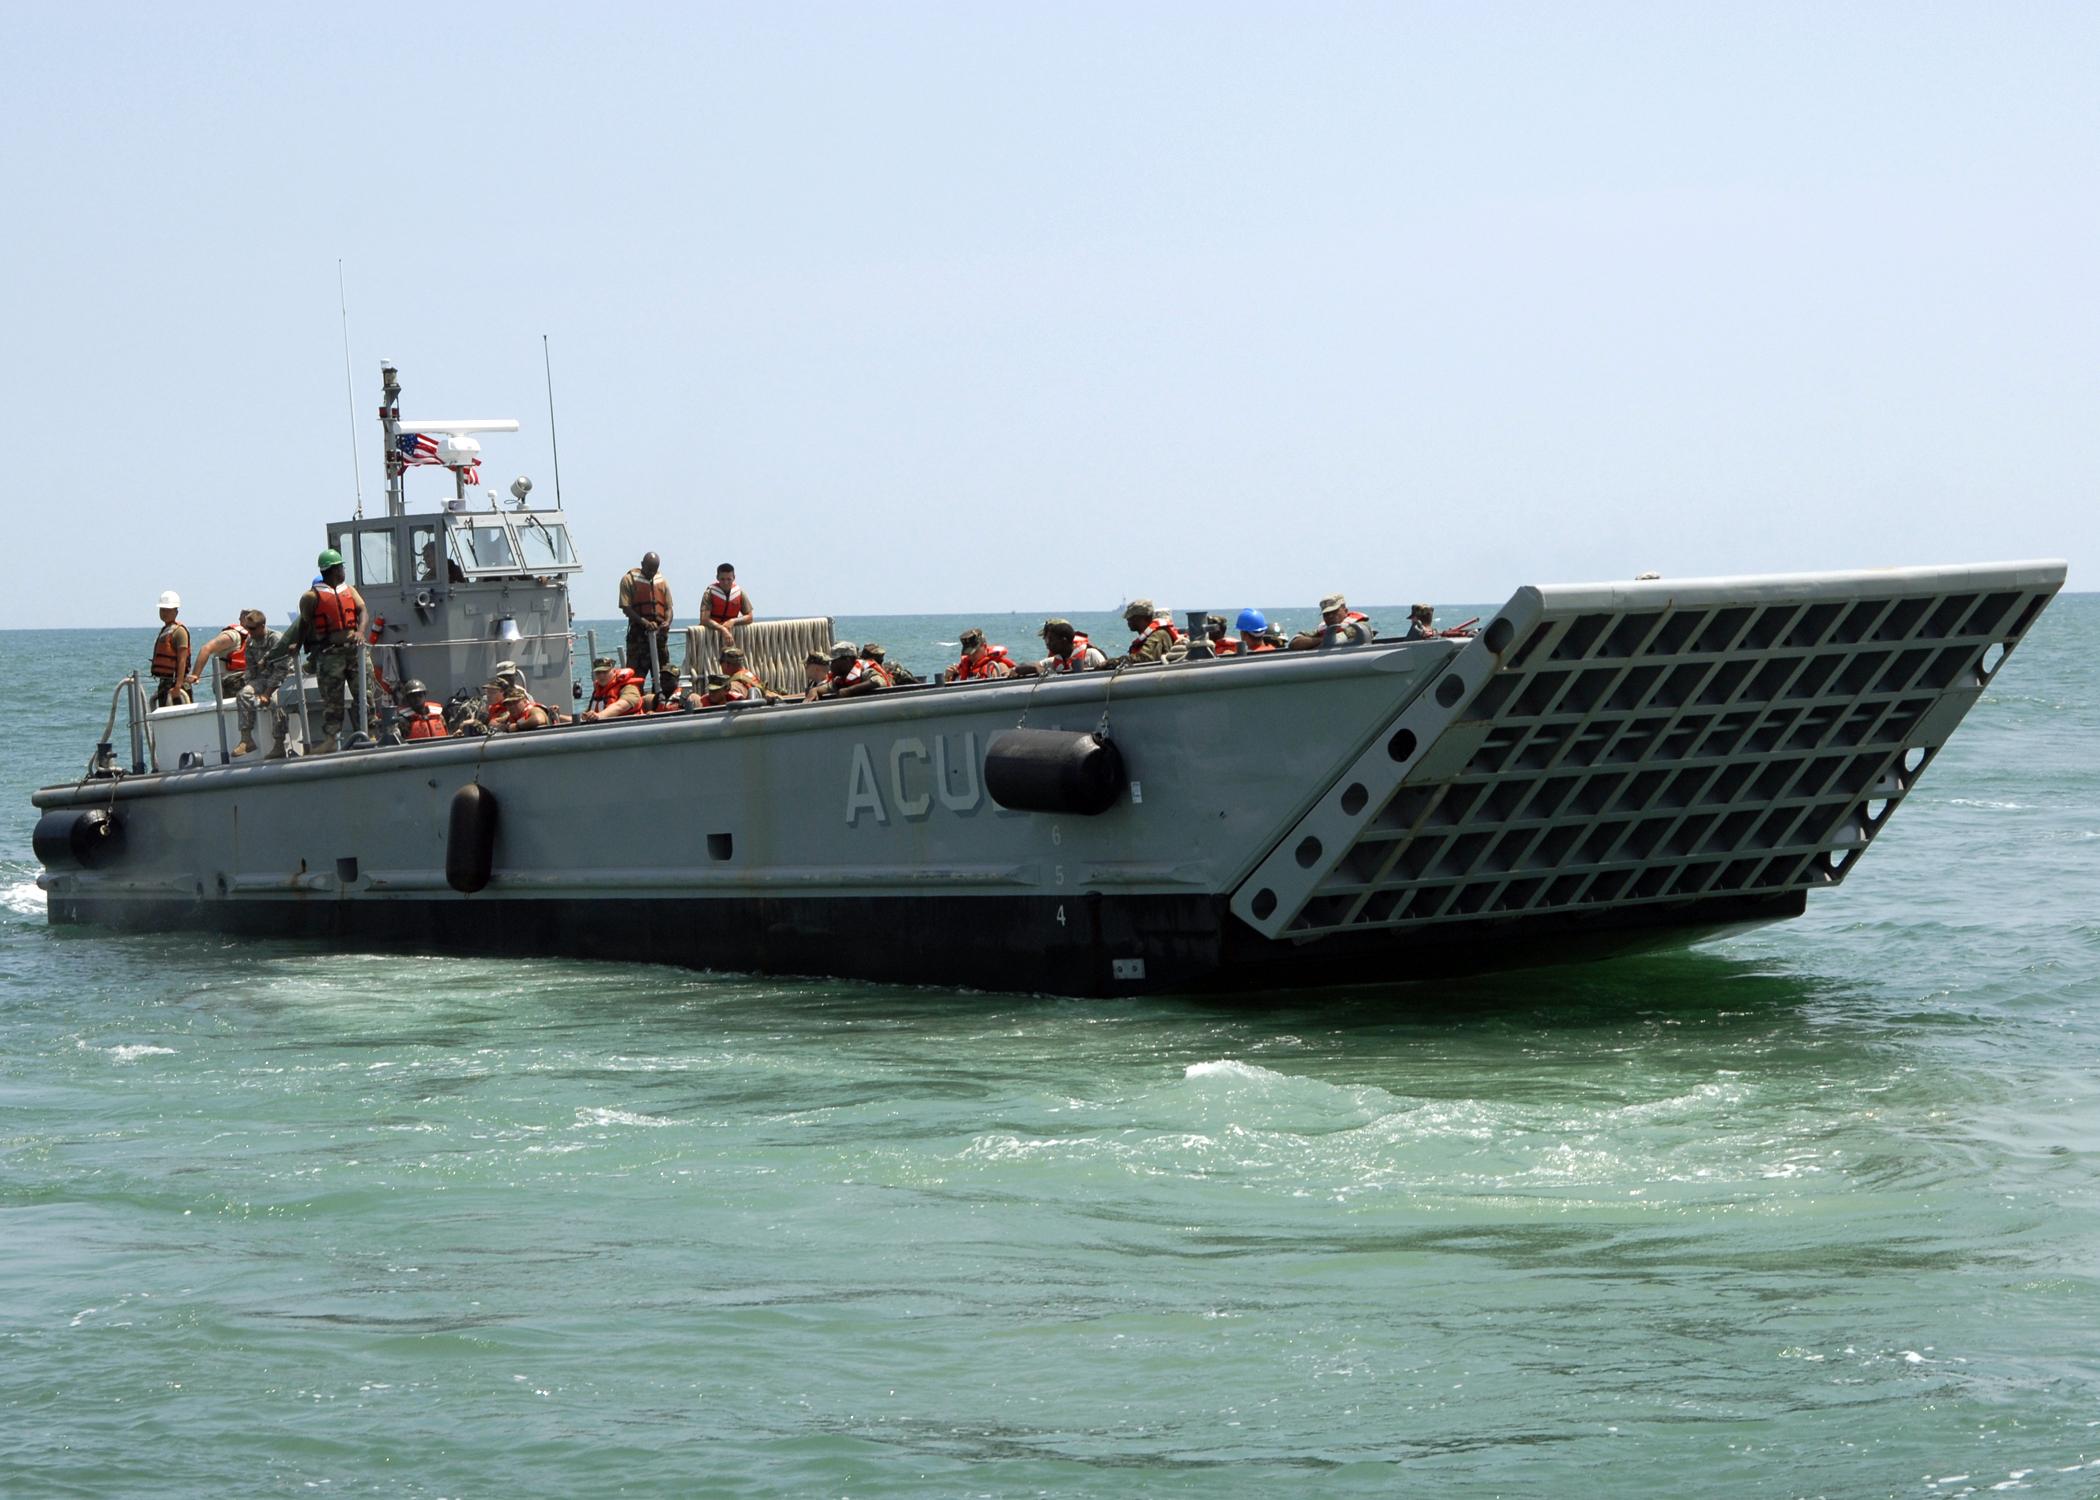 المسترال المصرية...تغييرات في العقيدة و السلاح - الجزء الاول - صفحة 2 US_Navy_090615-N-6676S-456_Landing_Craft_Mechanized_(LCM)_14,_assigned_to_Assault_Craft_Unit_(ACU)_2,_transports_Sailors,_Soldiers_and_Marines_during_operations_supporting_Joint_Logistics_Over-The-Shore_(JLOTS)_exercises